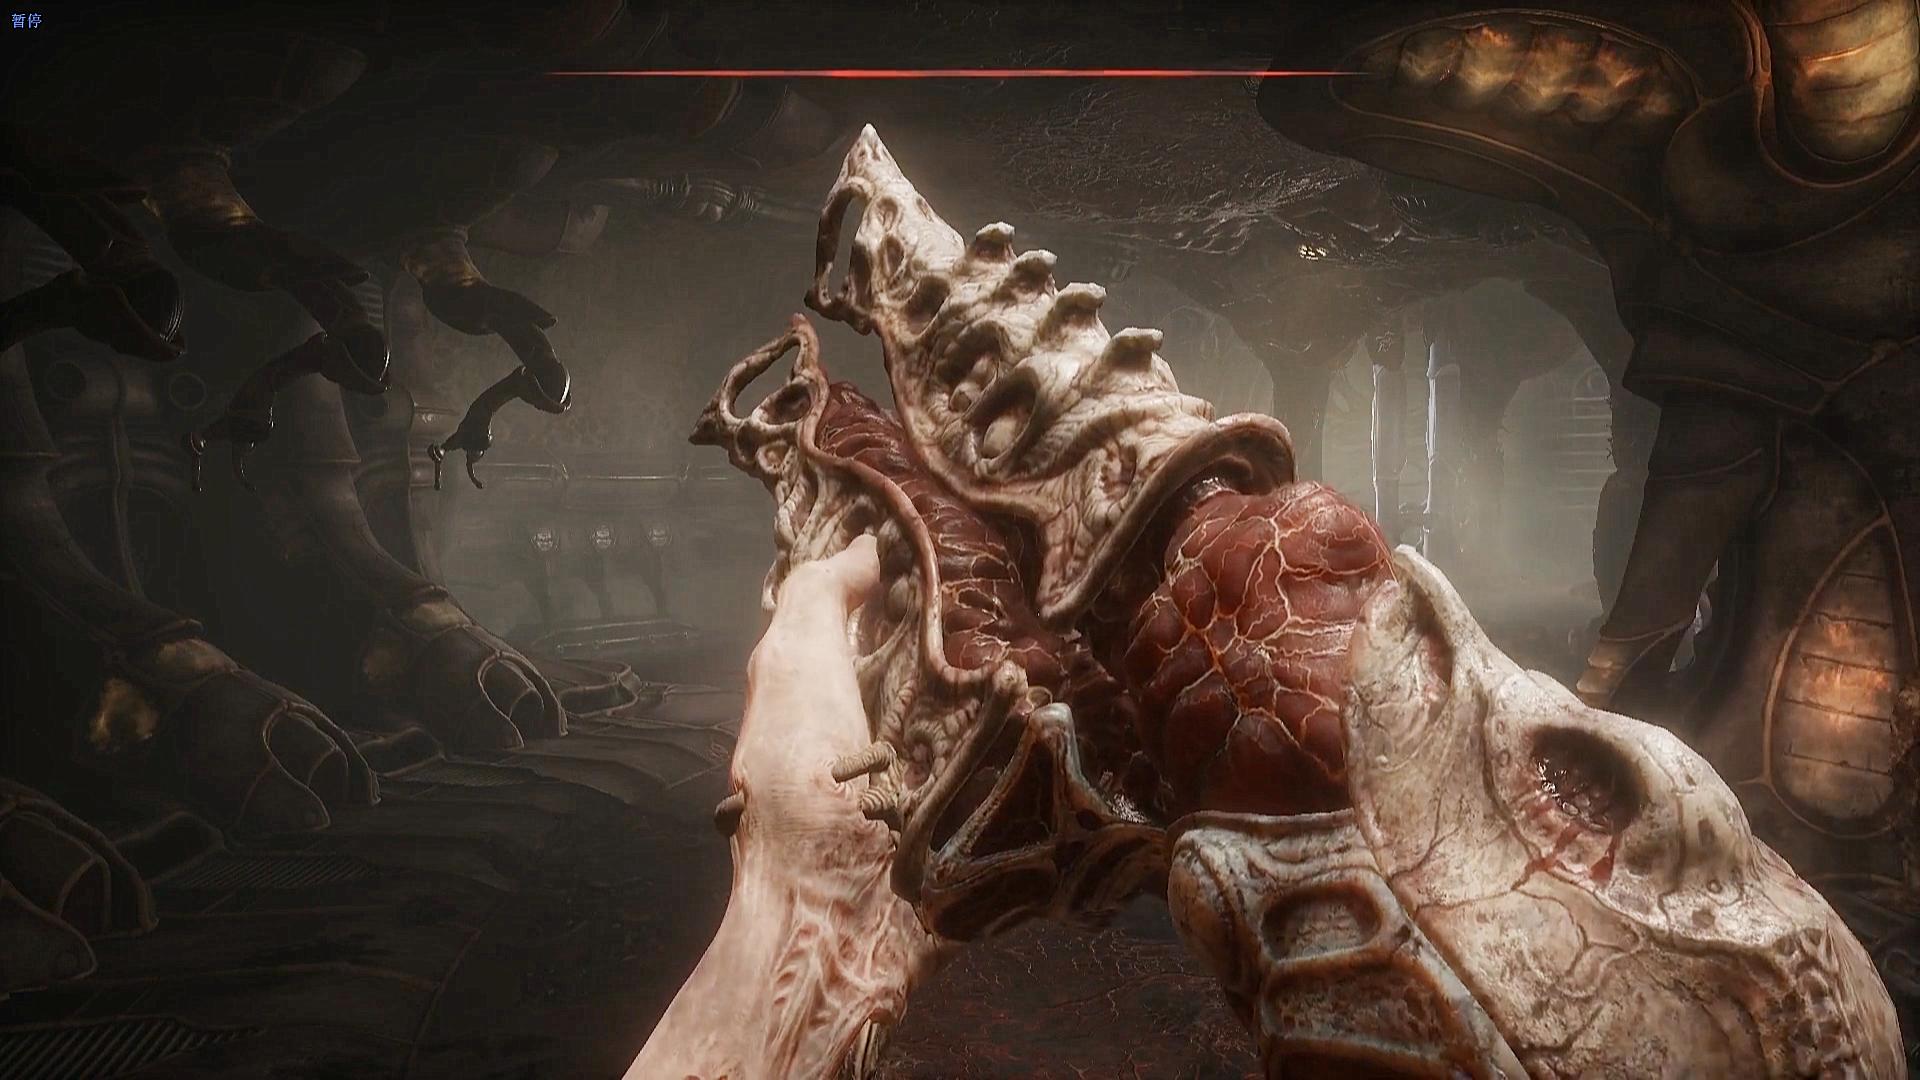 这堆血肉竟是你的枪?这到底是什么鬼游戏?